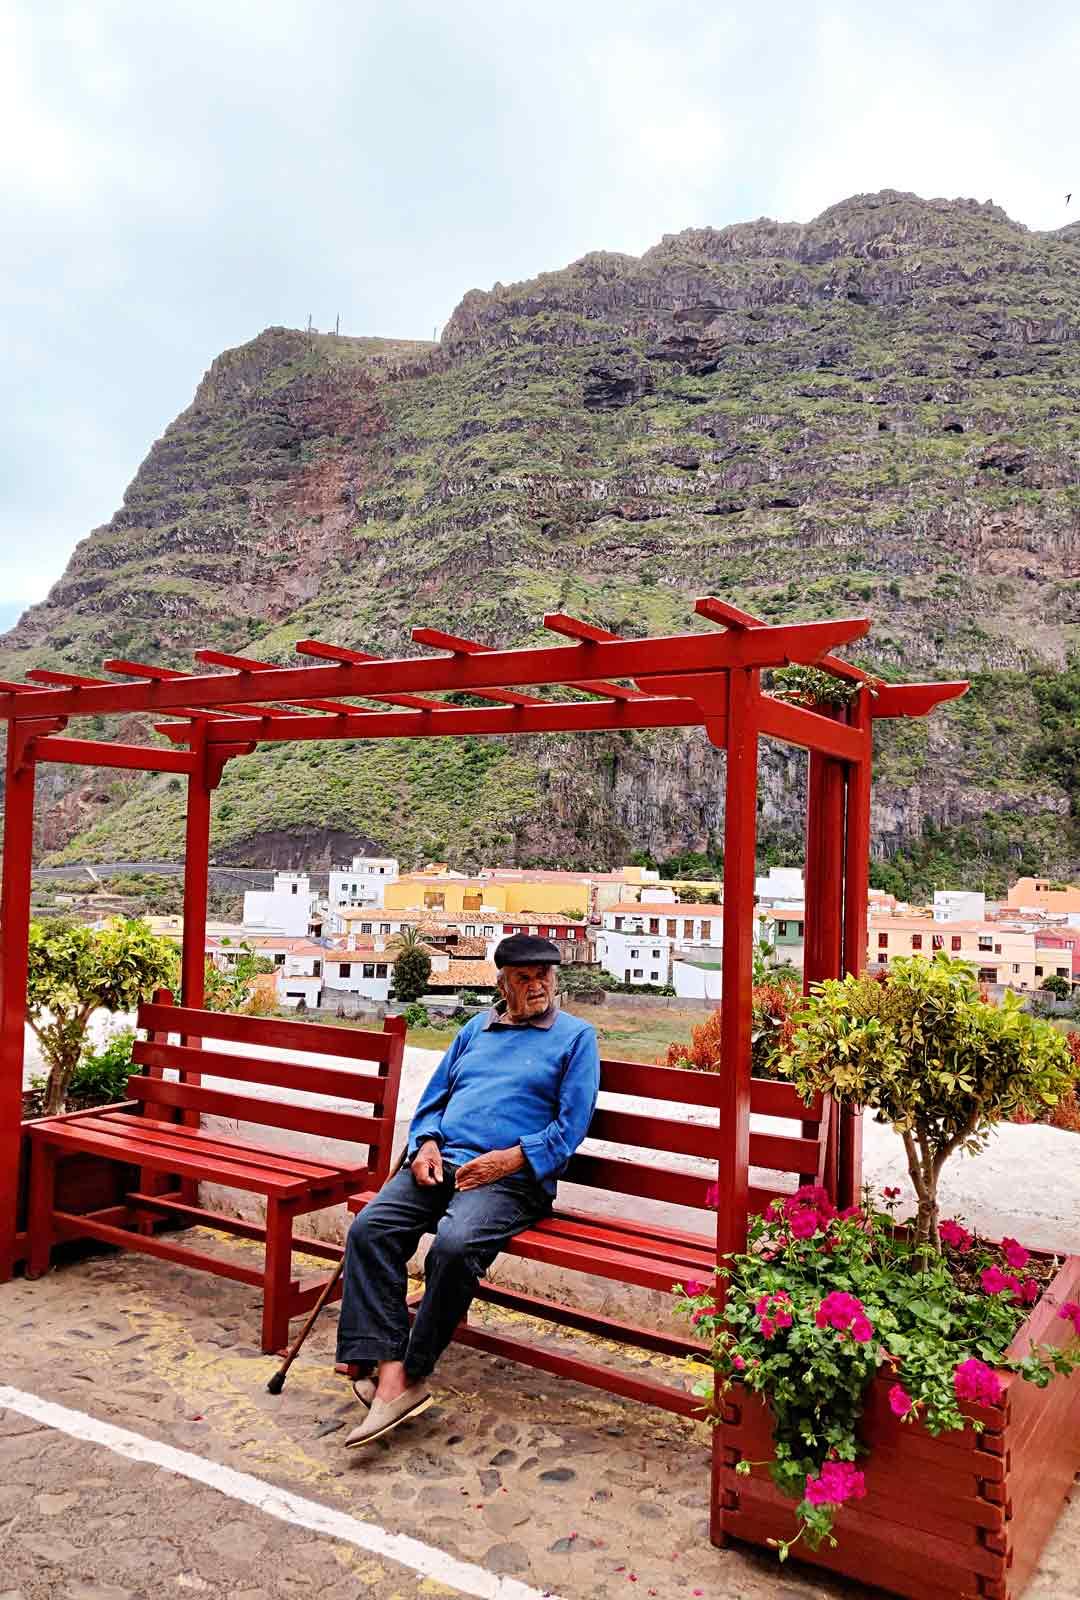 Paikallinen tarkastelee maailman menoa Agulon pikkukylässä.